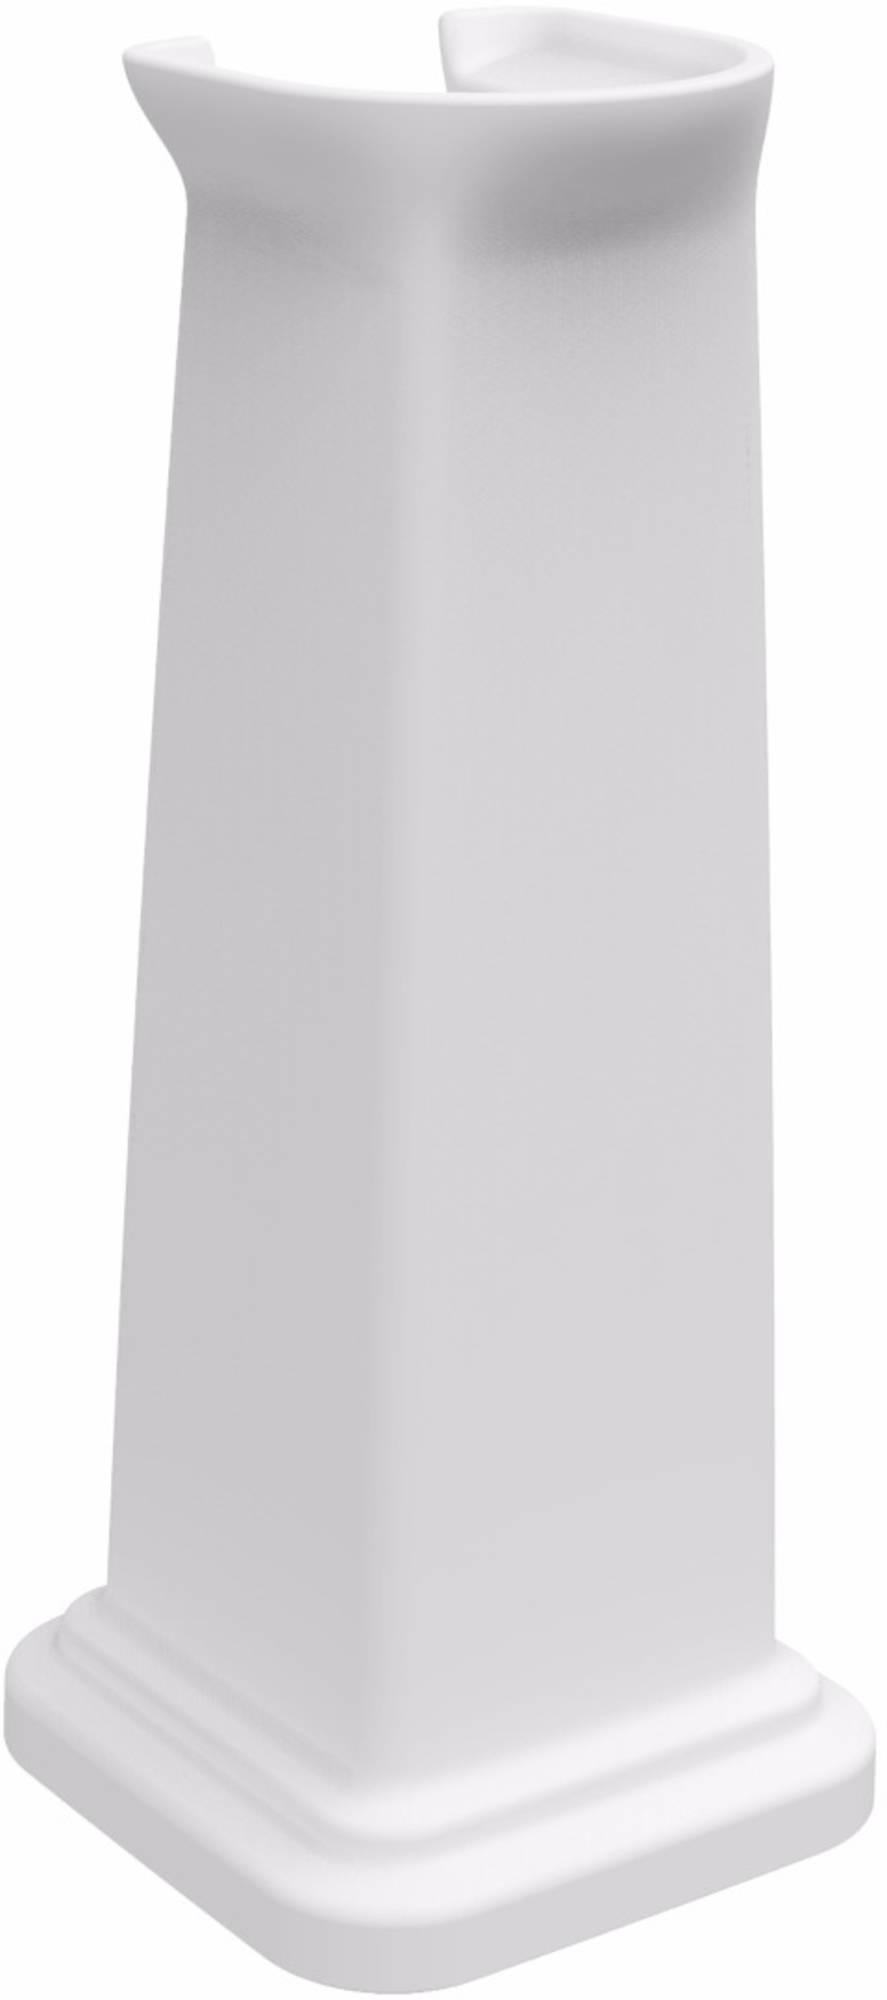 Ben Muret Pilaar 66 x 27 x 27 cm wit keramiek